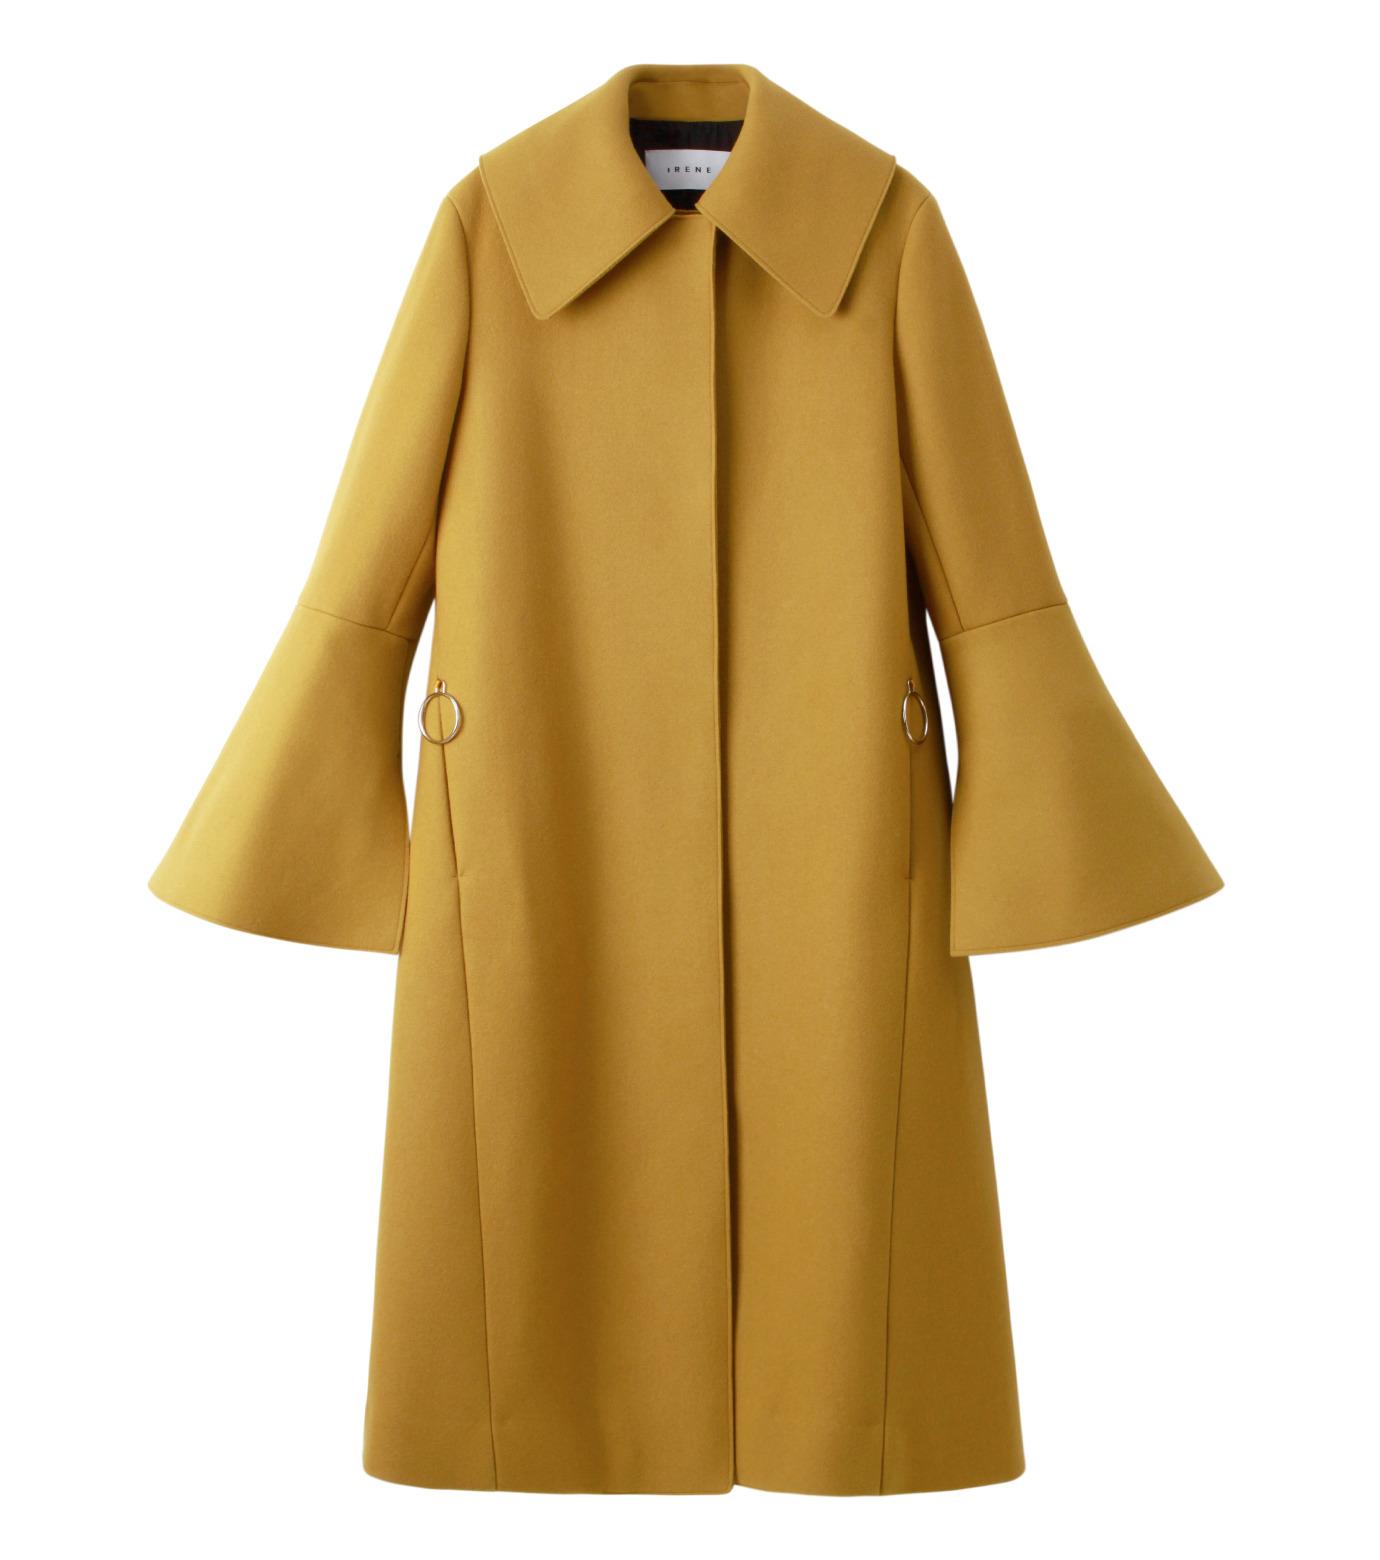 IRENE(アイレネ)のベルスリーブトレンチコート-MUSTARD(コート/coat)-18A89004 拡大詳細画像7